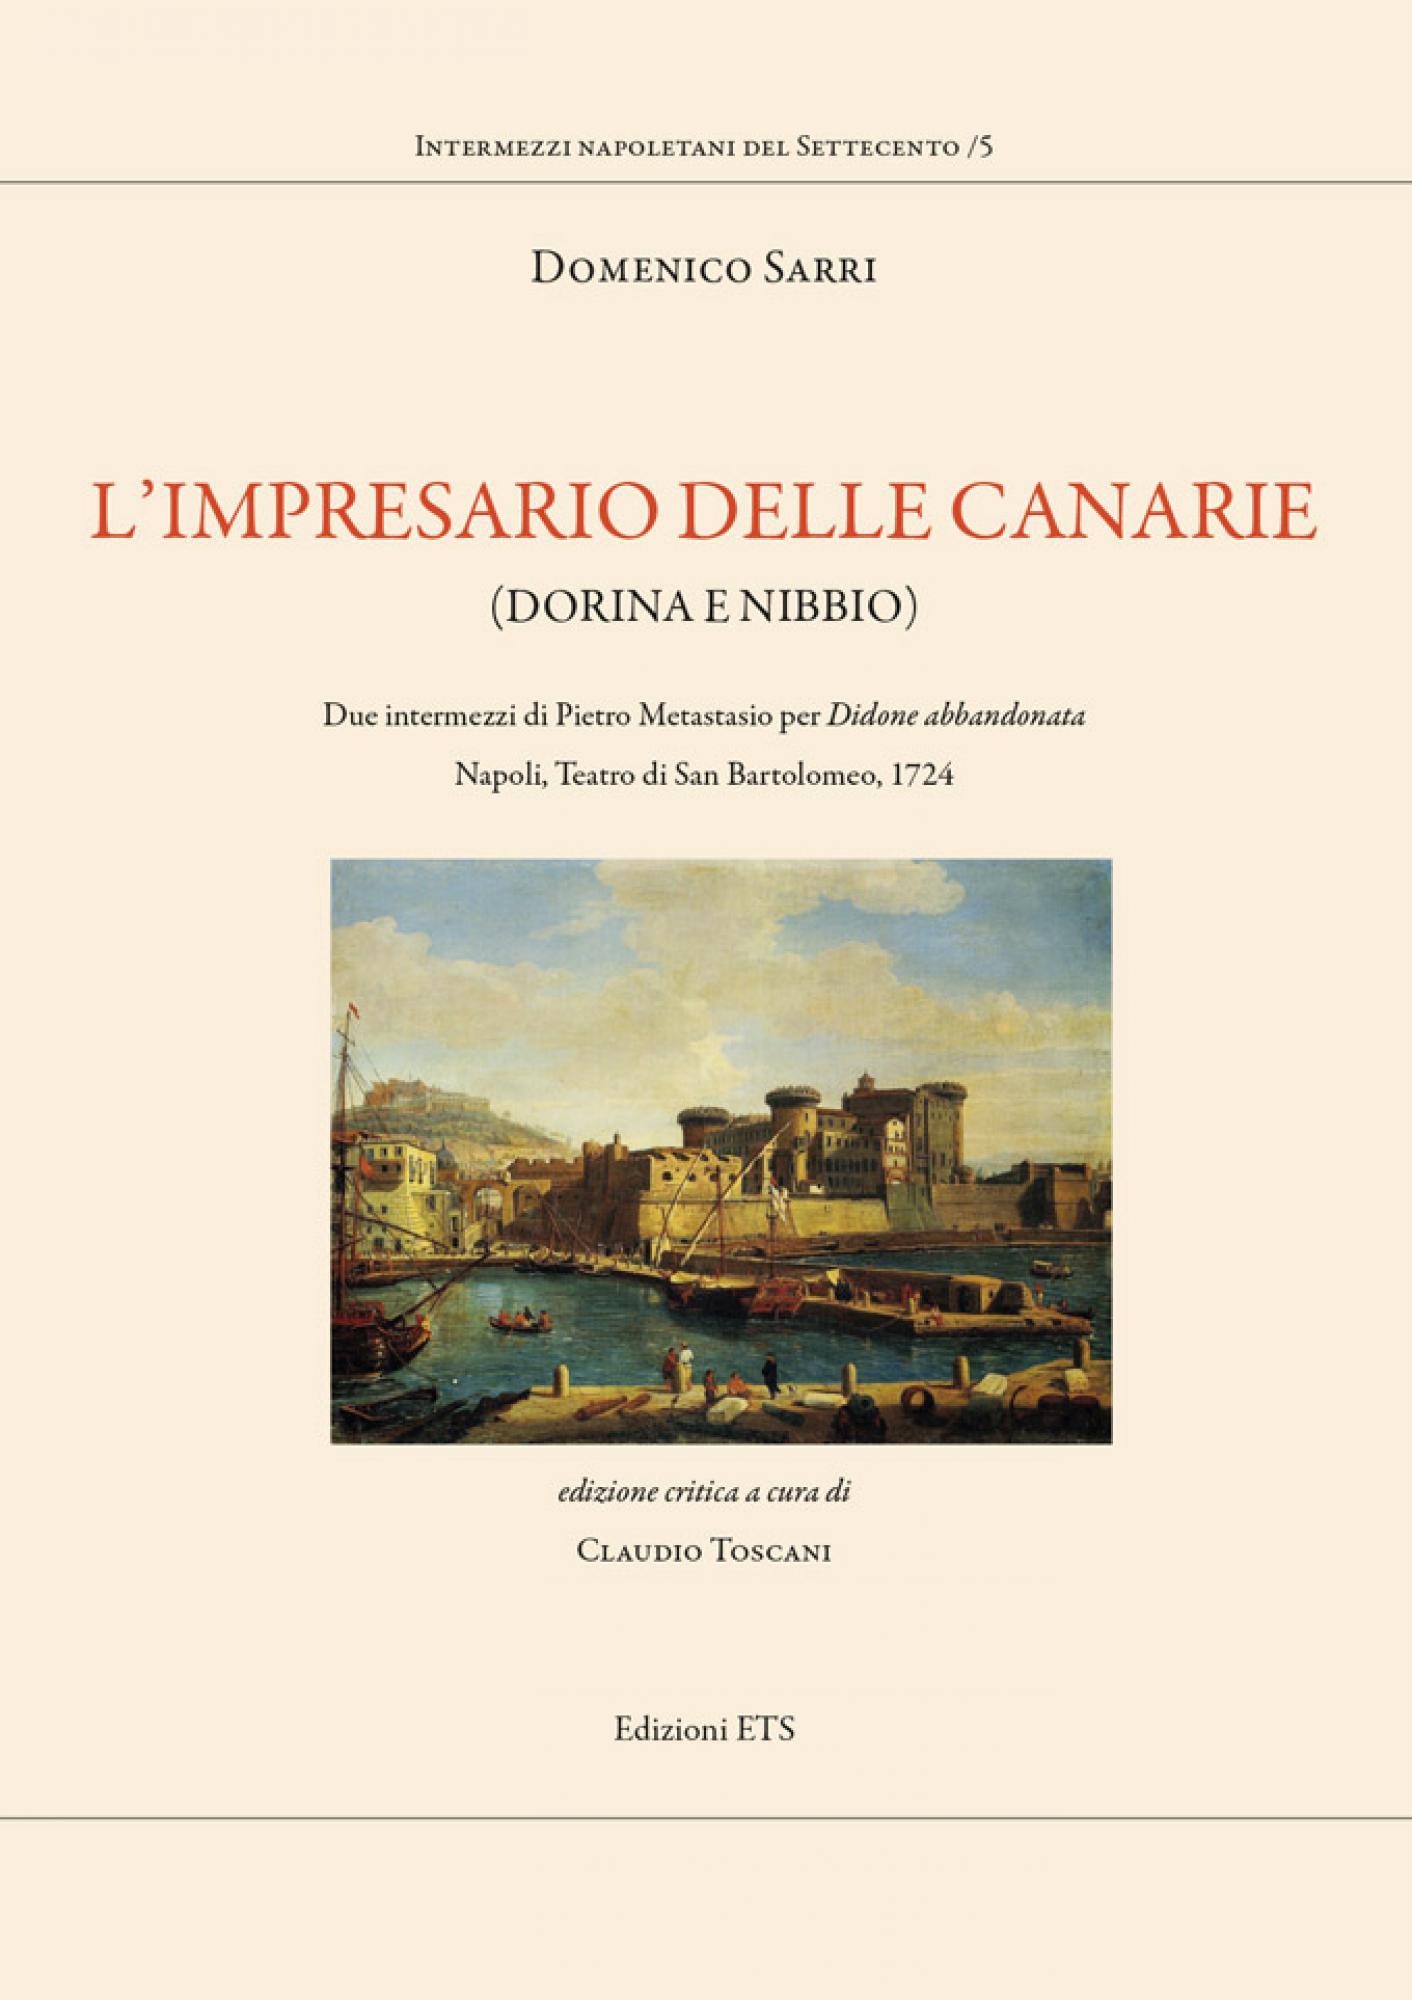 L'impresario delle Canarie (Dorina e Nibbio).Due intermezzi di Pietro Metastasio per <i>Didone abbandonata</i>